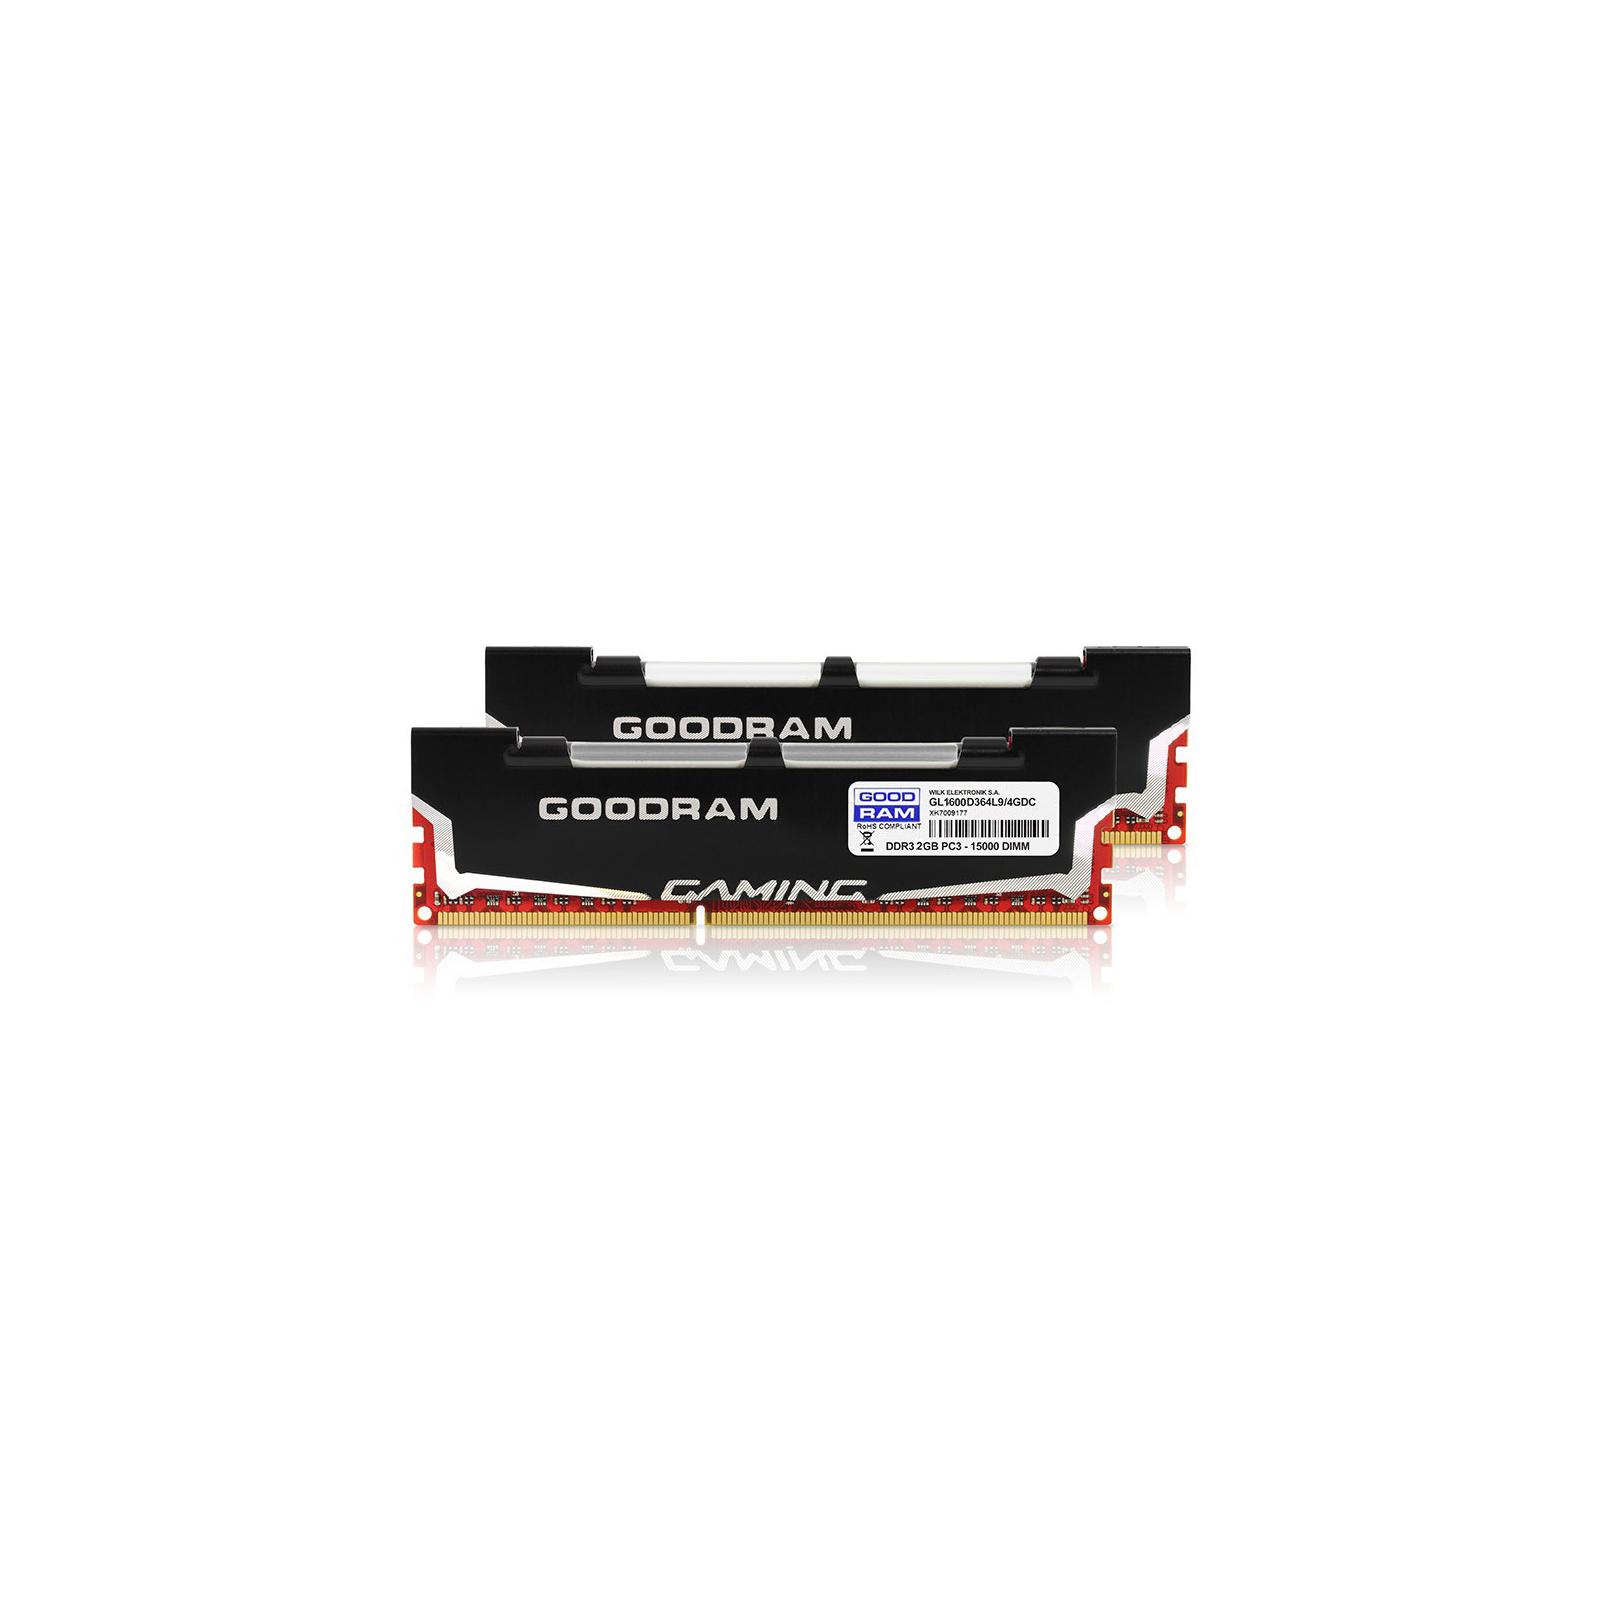 Модуль памяти для компьютера DDR3 8Gb (2x4GB) 1600 MHz Led Gaming GOODRAM (GL1600D364L9/8GDC) изображение 3